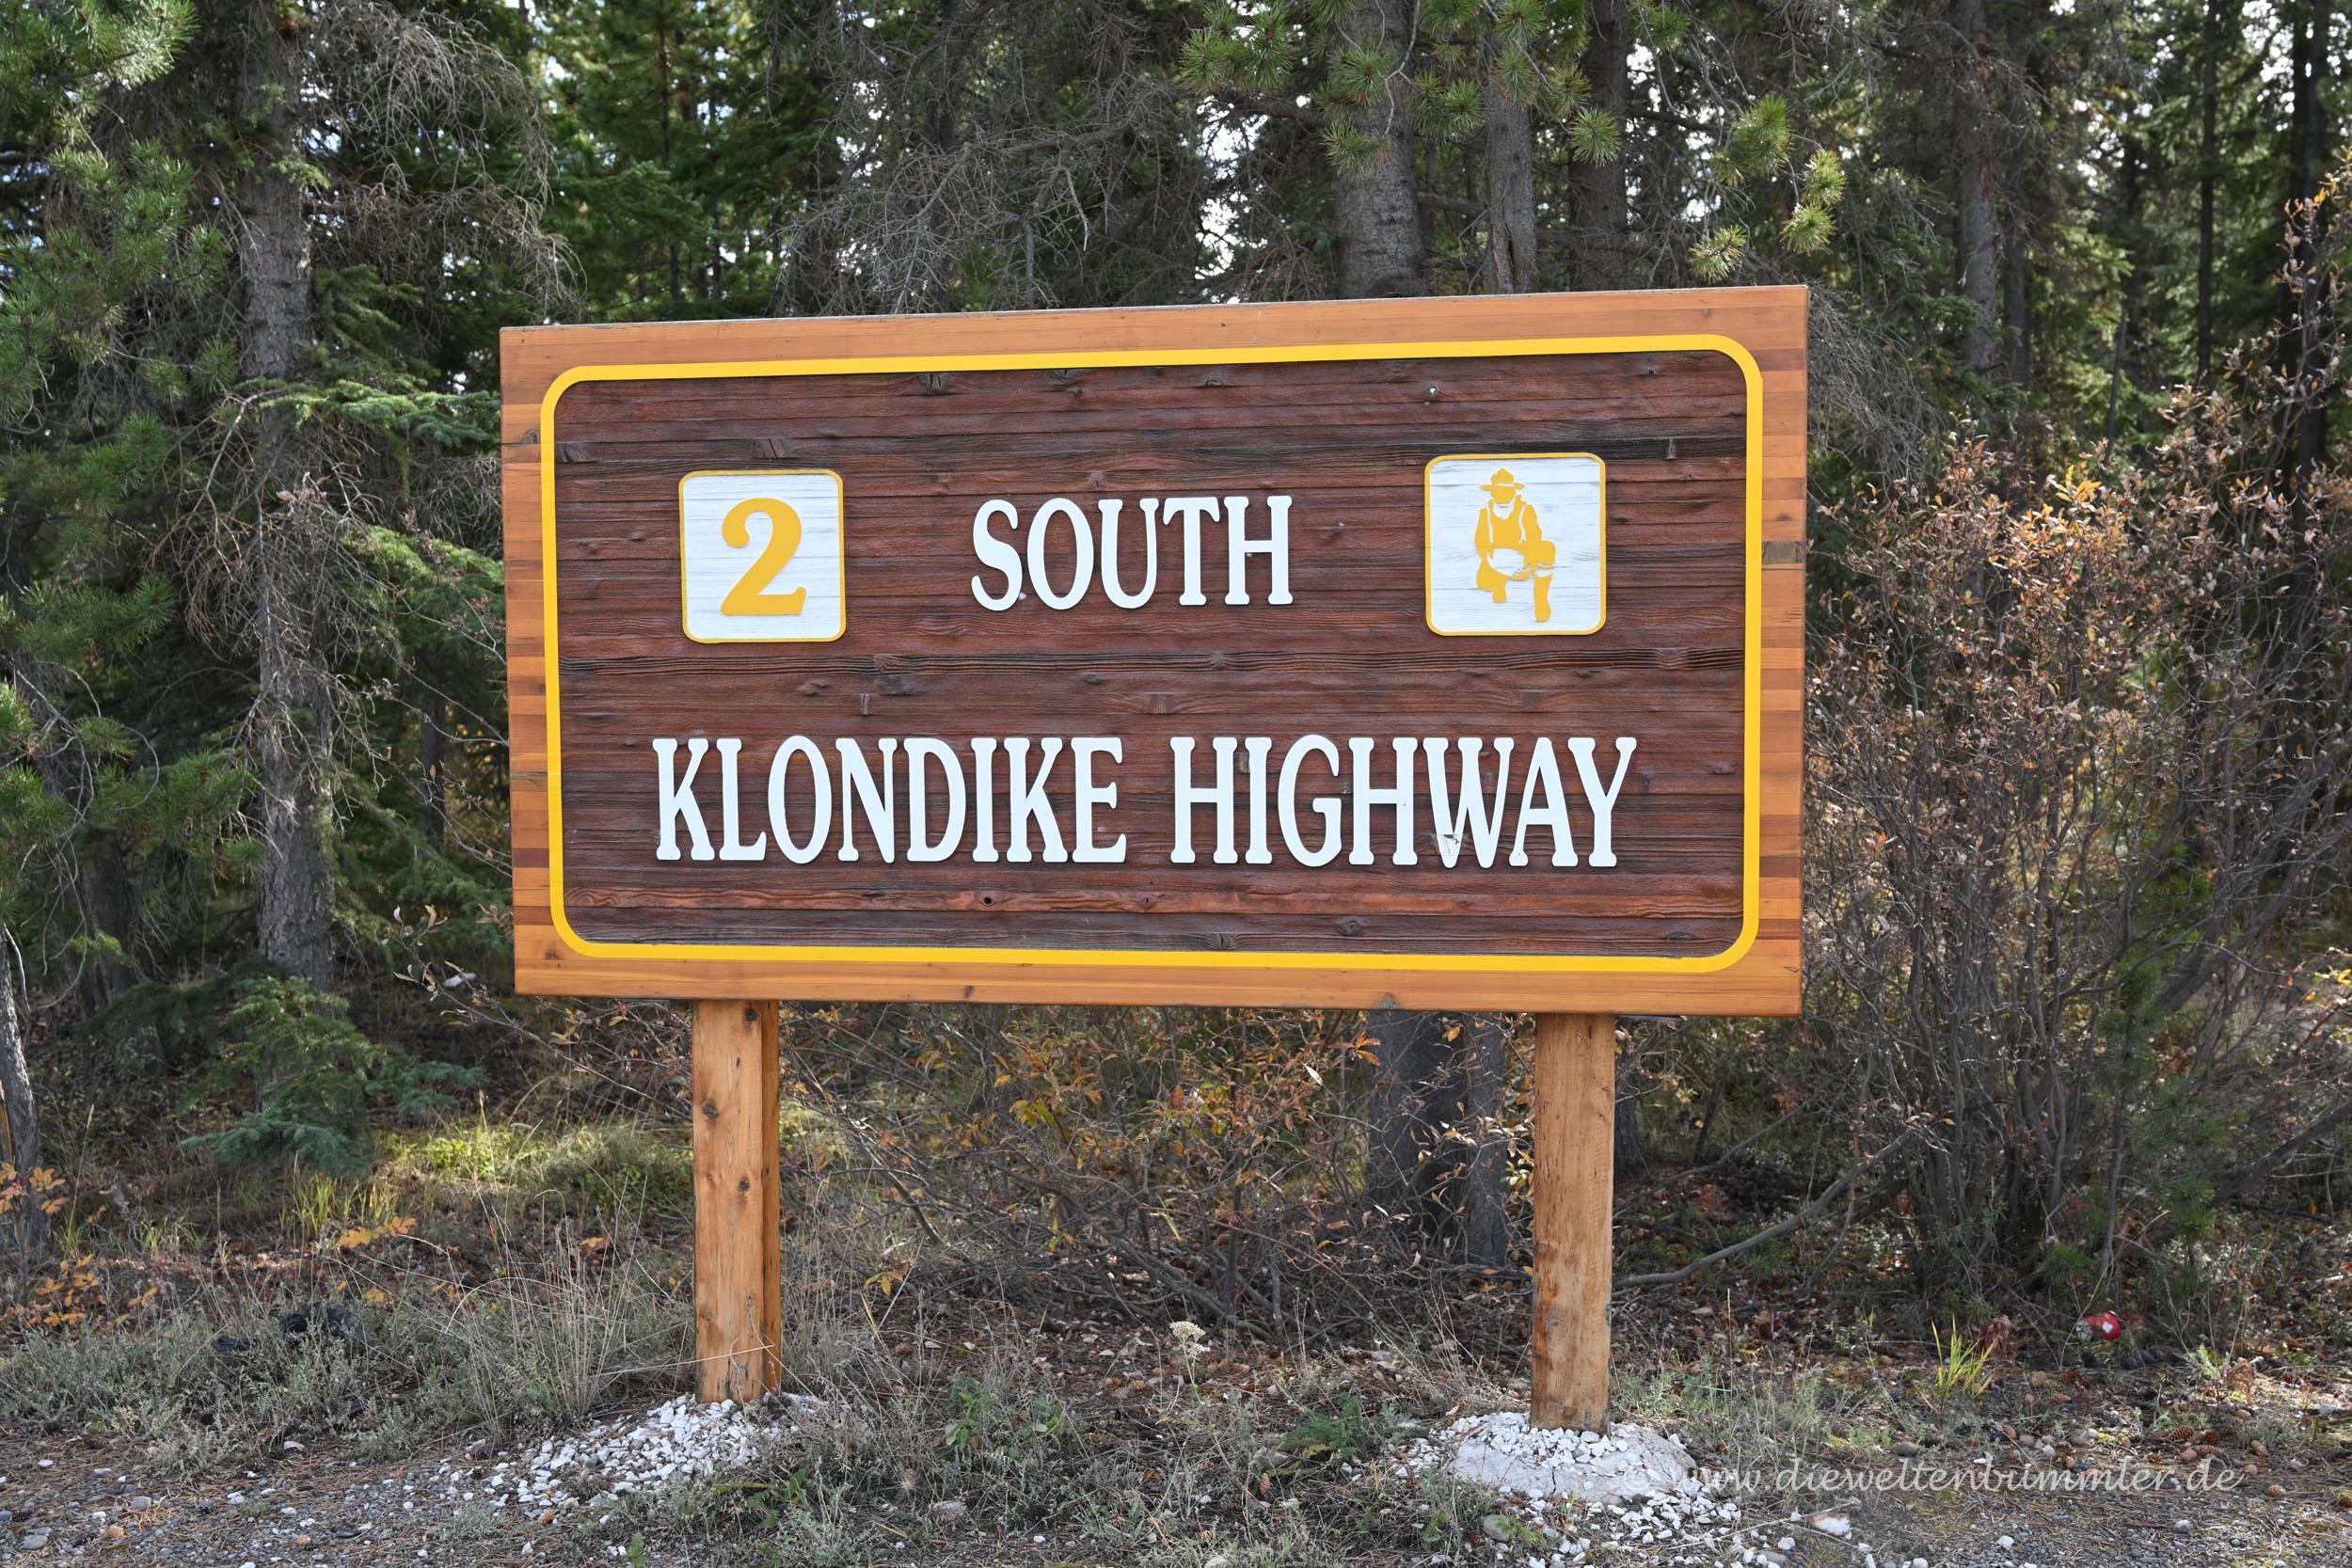 Willkommen auf dem South Klondike Highway